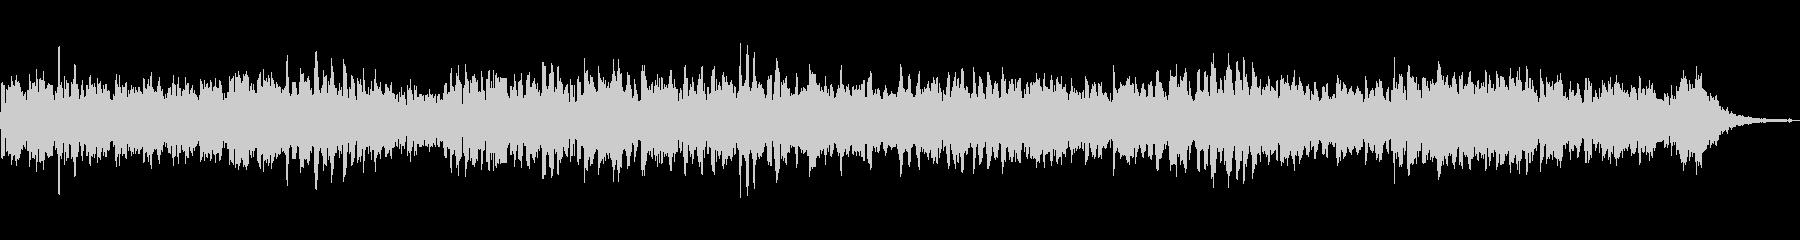 ほのぼのと癒されるローズピアノサウンドの未再生の波形